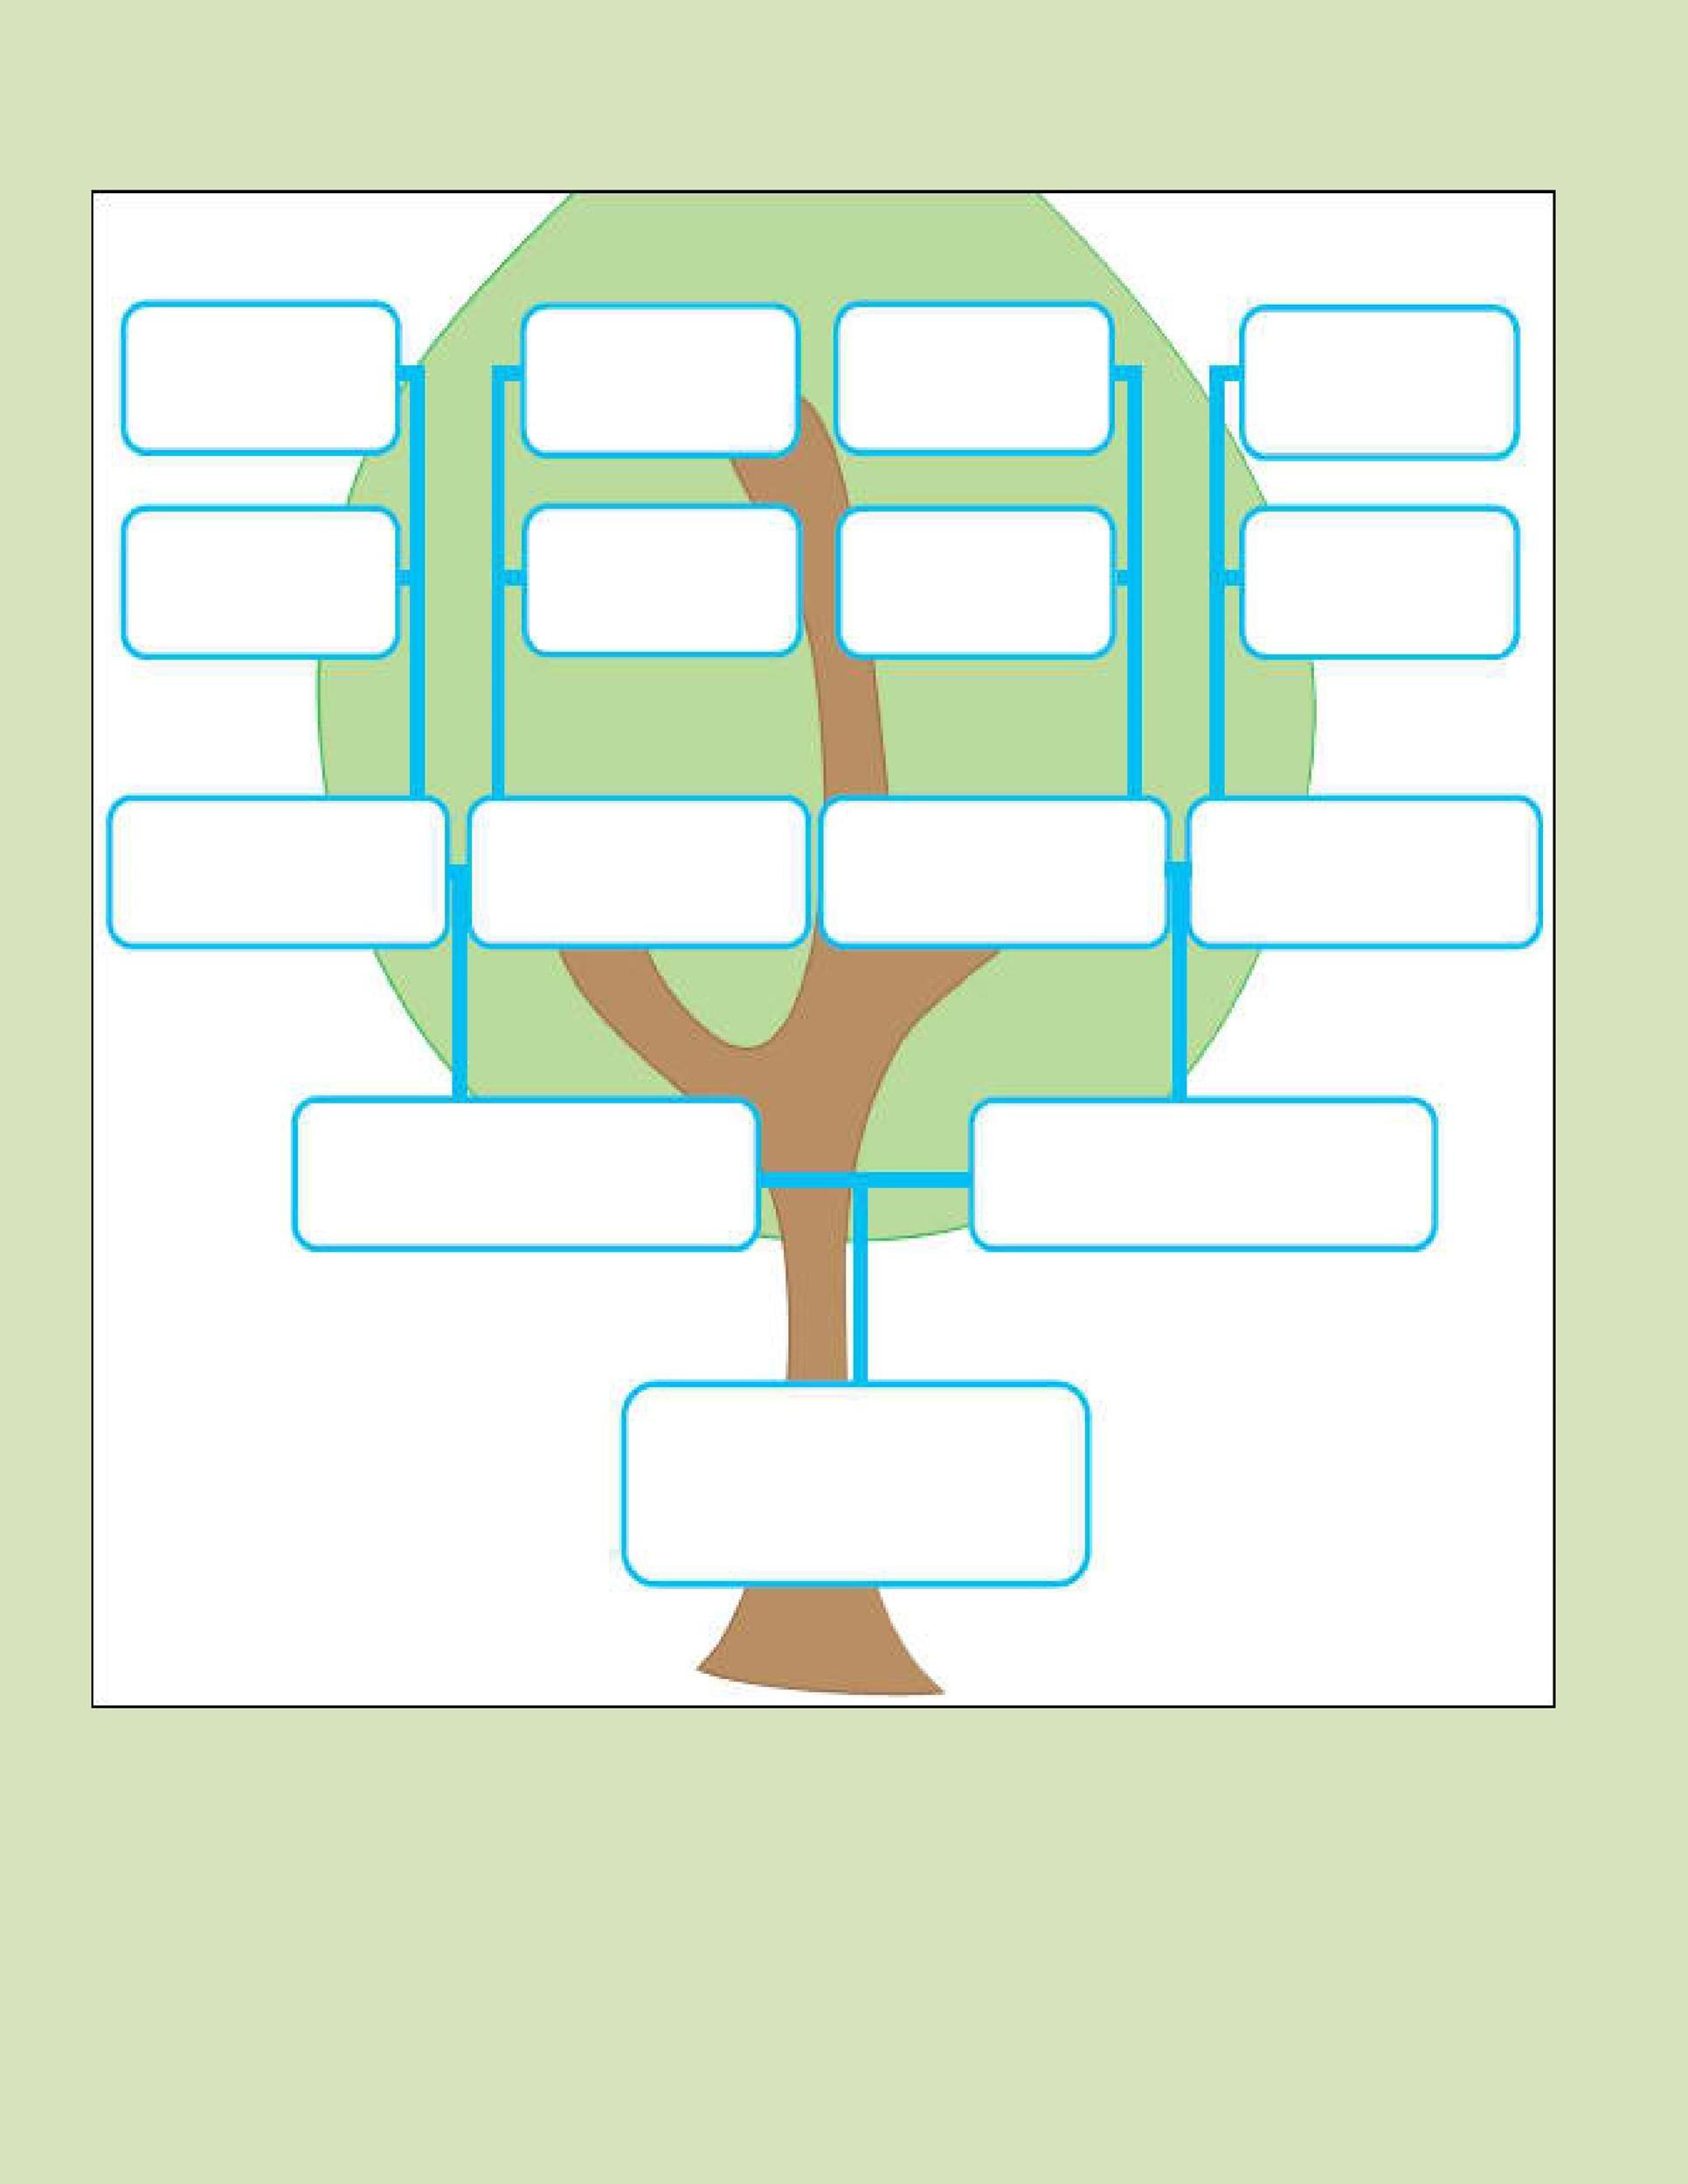 free genogram creator